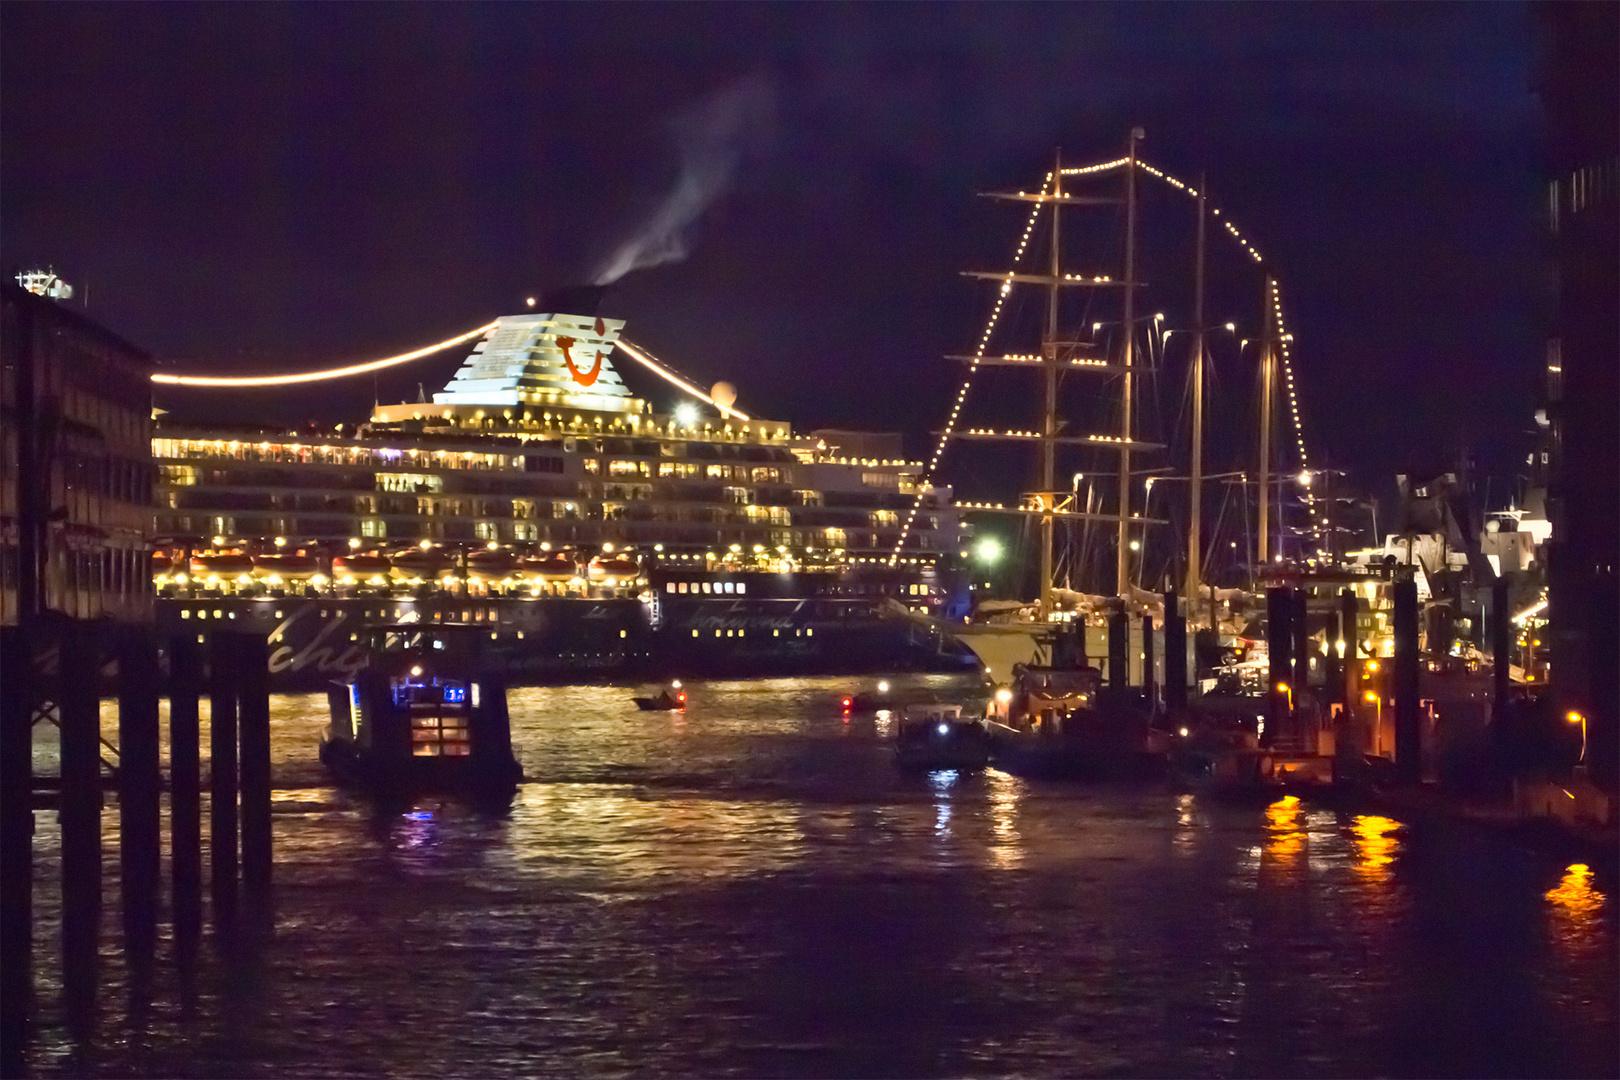 Mein Schiff beim Hafengeburtstag